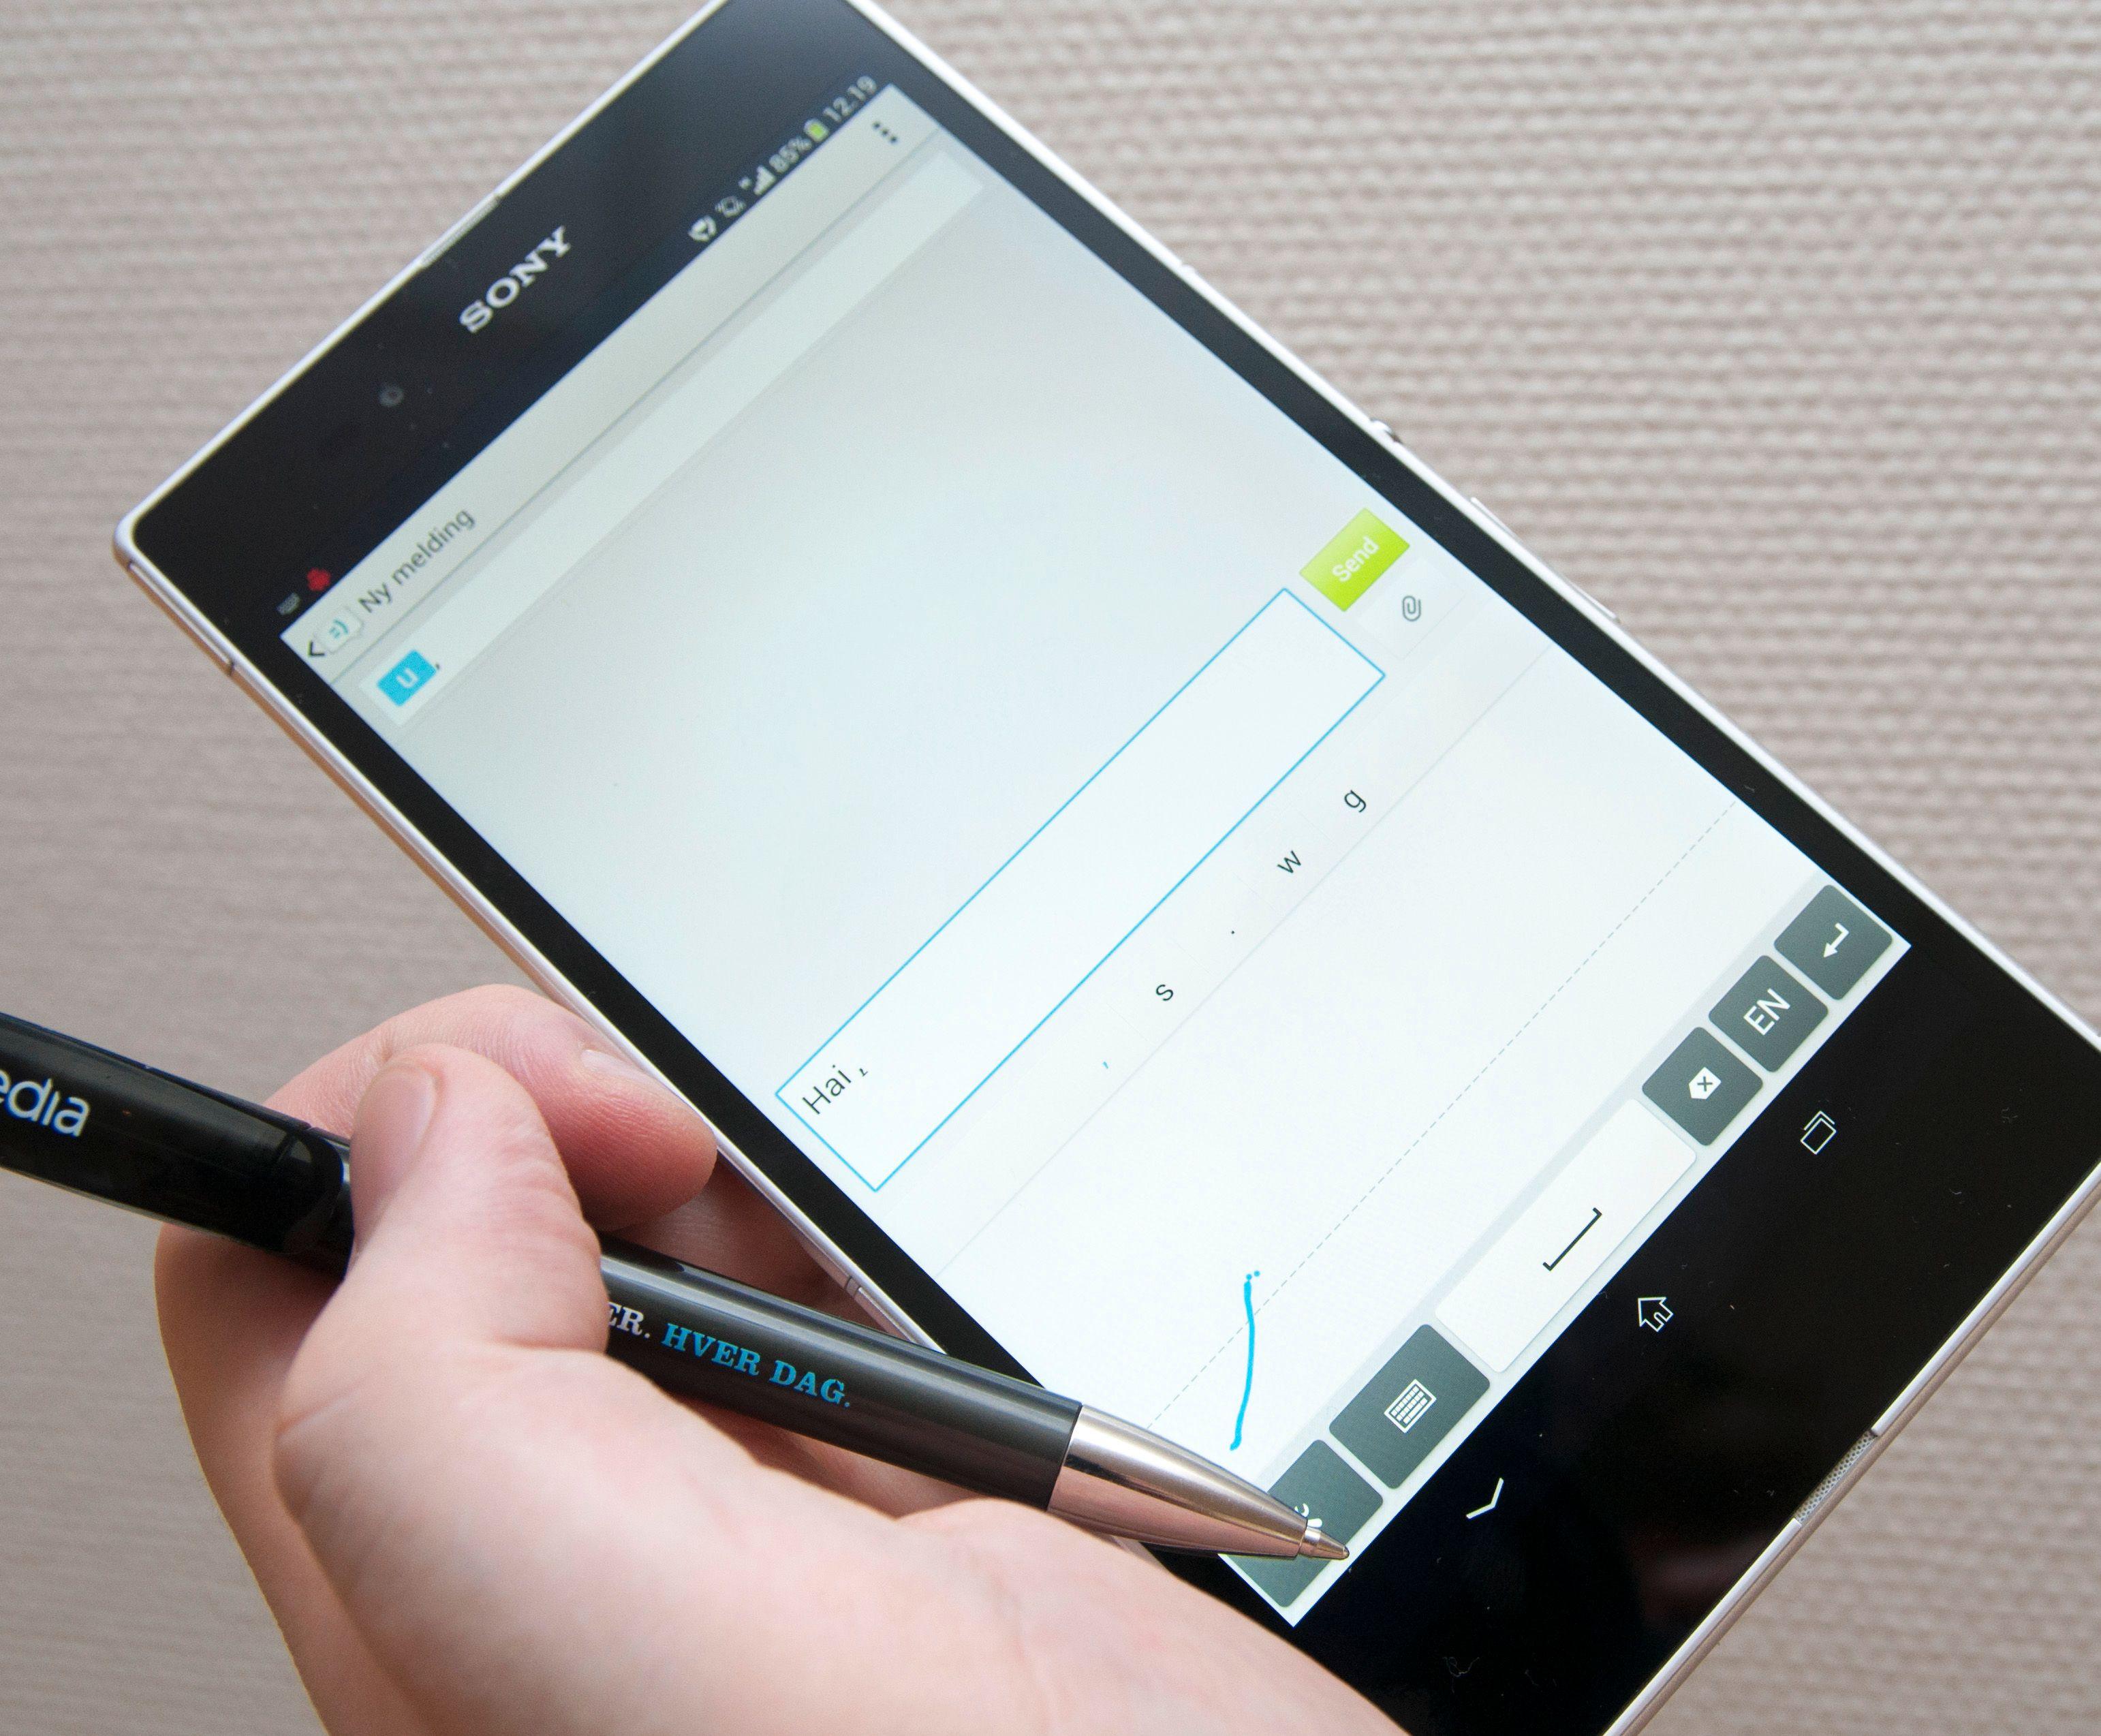 Du kan skrive på Xperia Z Ultra med en helt vanlig kulepenn. Telefonen har blant annet håndskriftgjenkjenning.Foto: Finn Jarle Kvalheim, Amobil.no